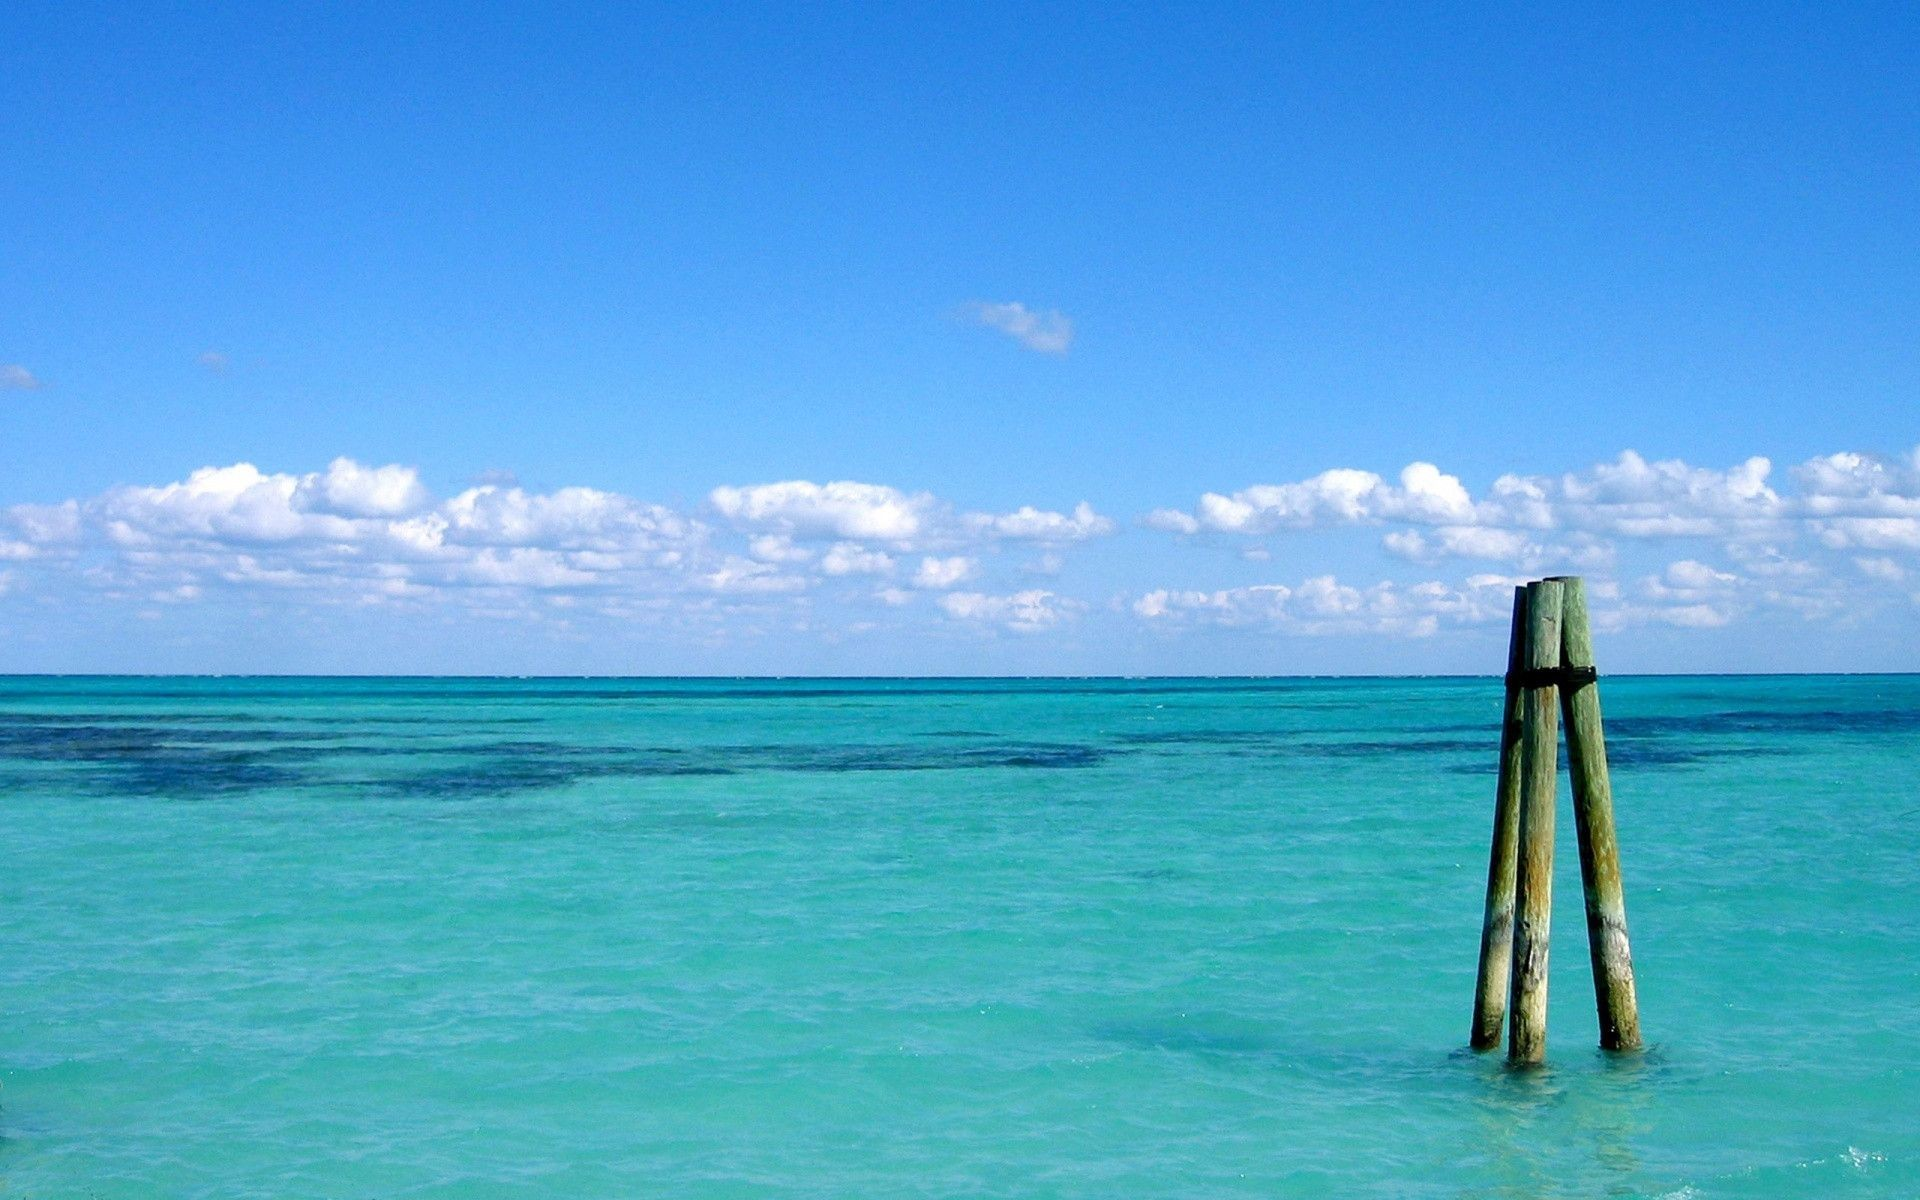 Full HD p Ocean Wallpapers HD, Desktop Backgrounds 1920×1200 Pictures Of  The Ocean